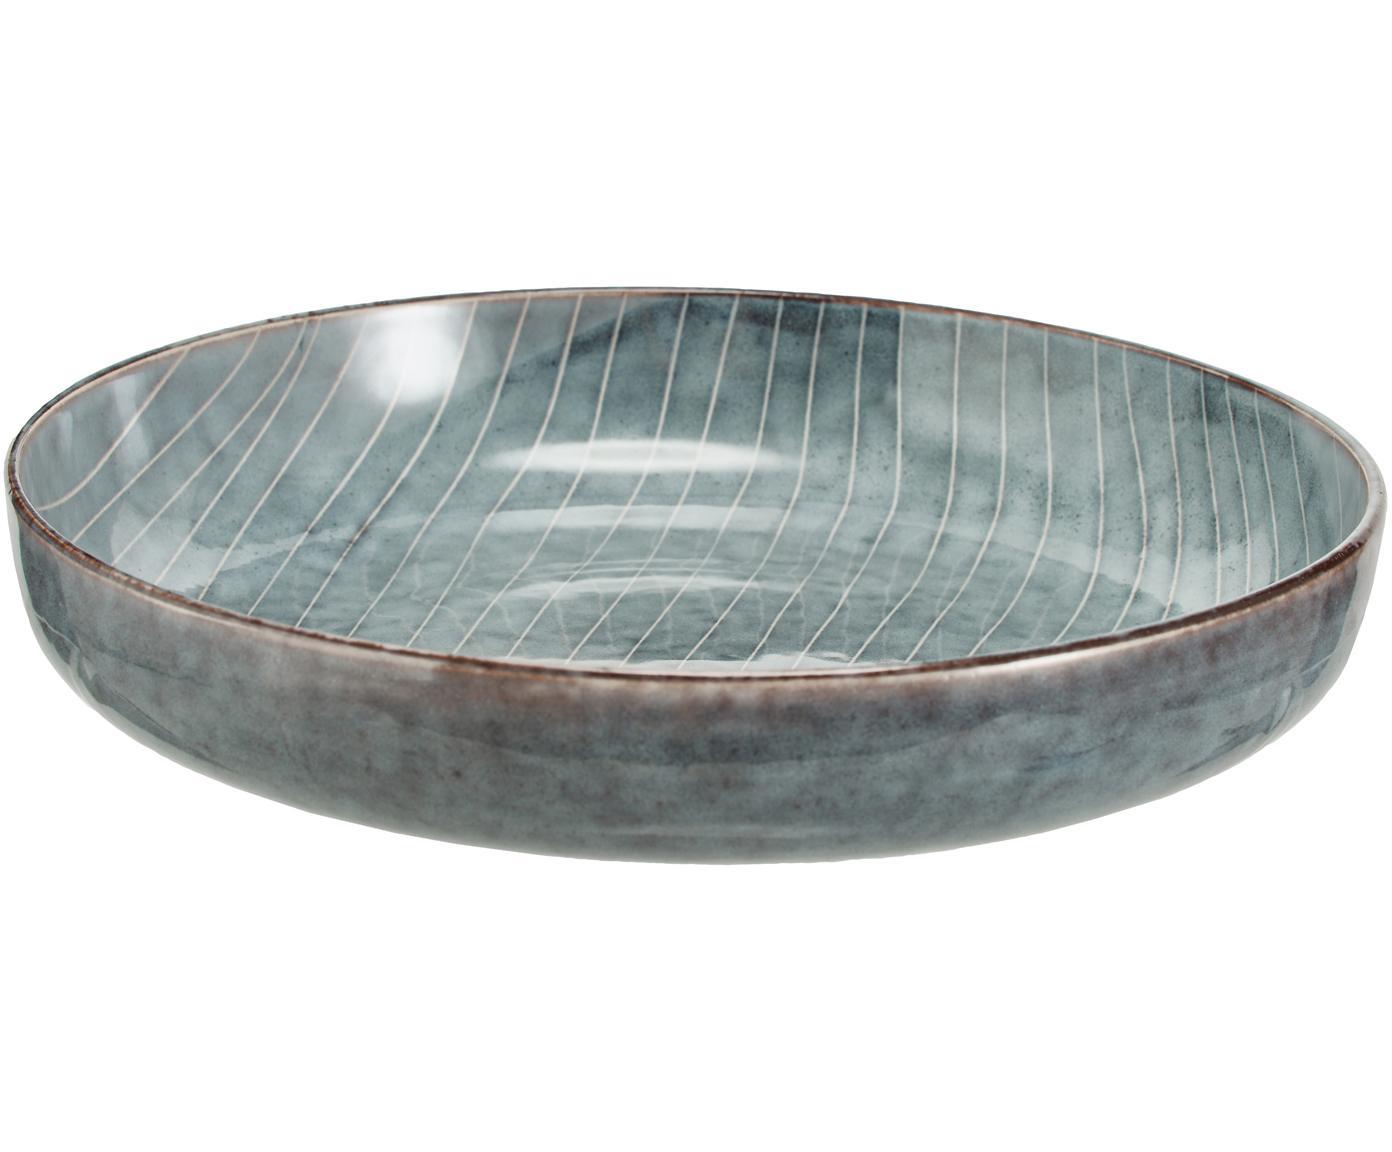 Handgemachte Schalen Nordic Sea aus Steingut, 4 Stück, Steingut, Grau- und Blautöne, Ø 22 x H 5 cm